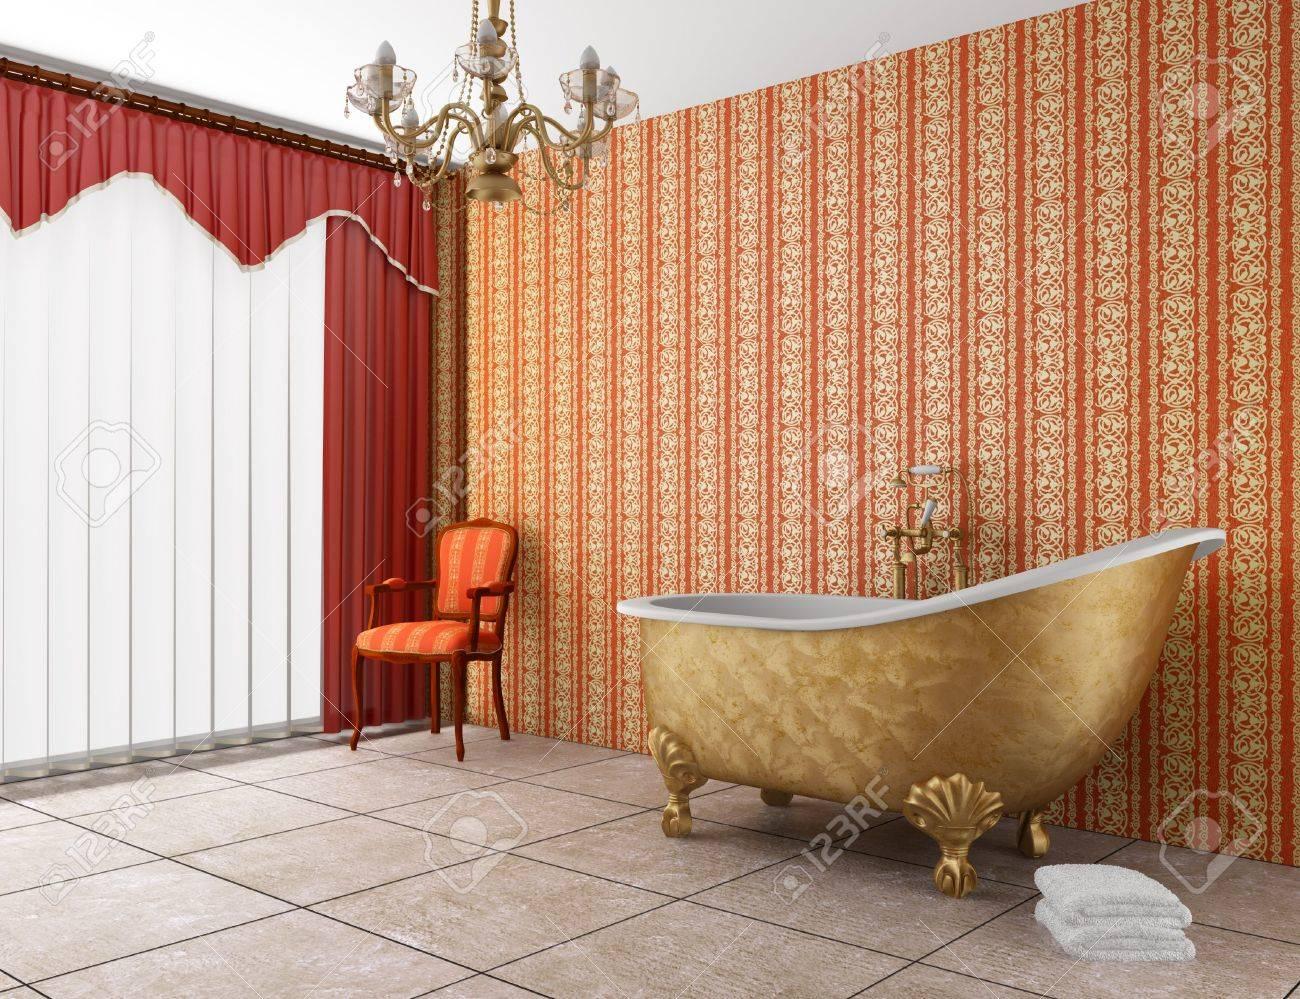 klassische badezimmer mit badewanne und rot gestreiften stadtmauer